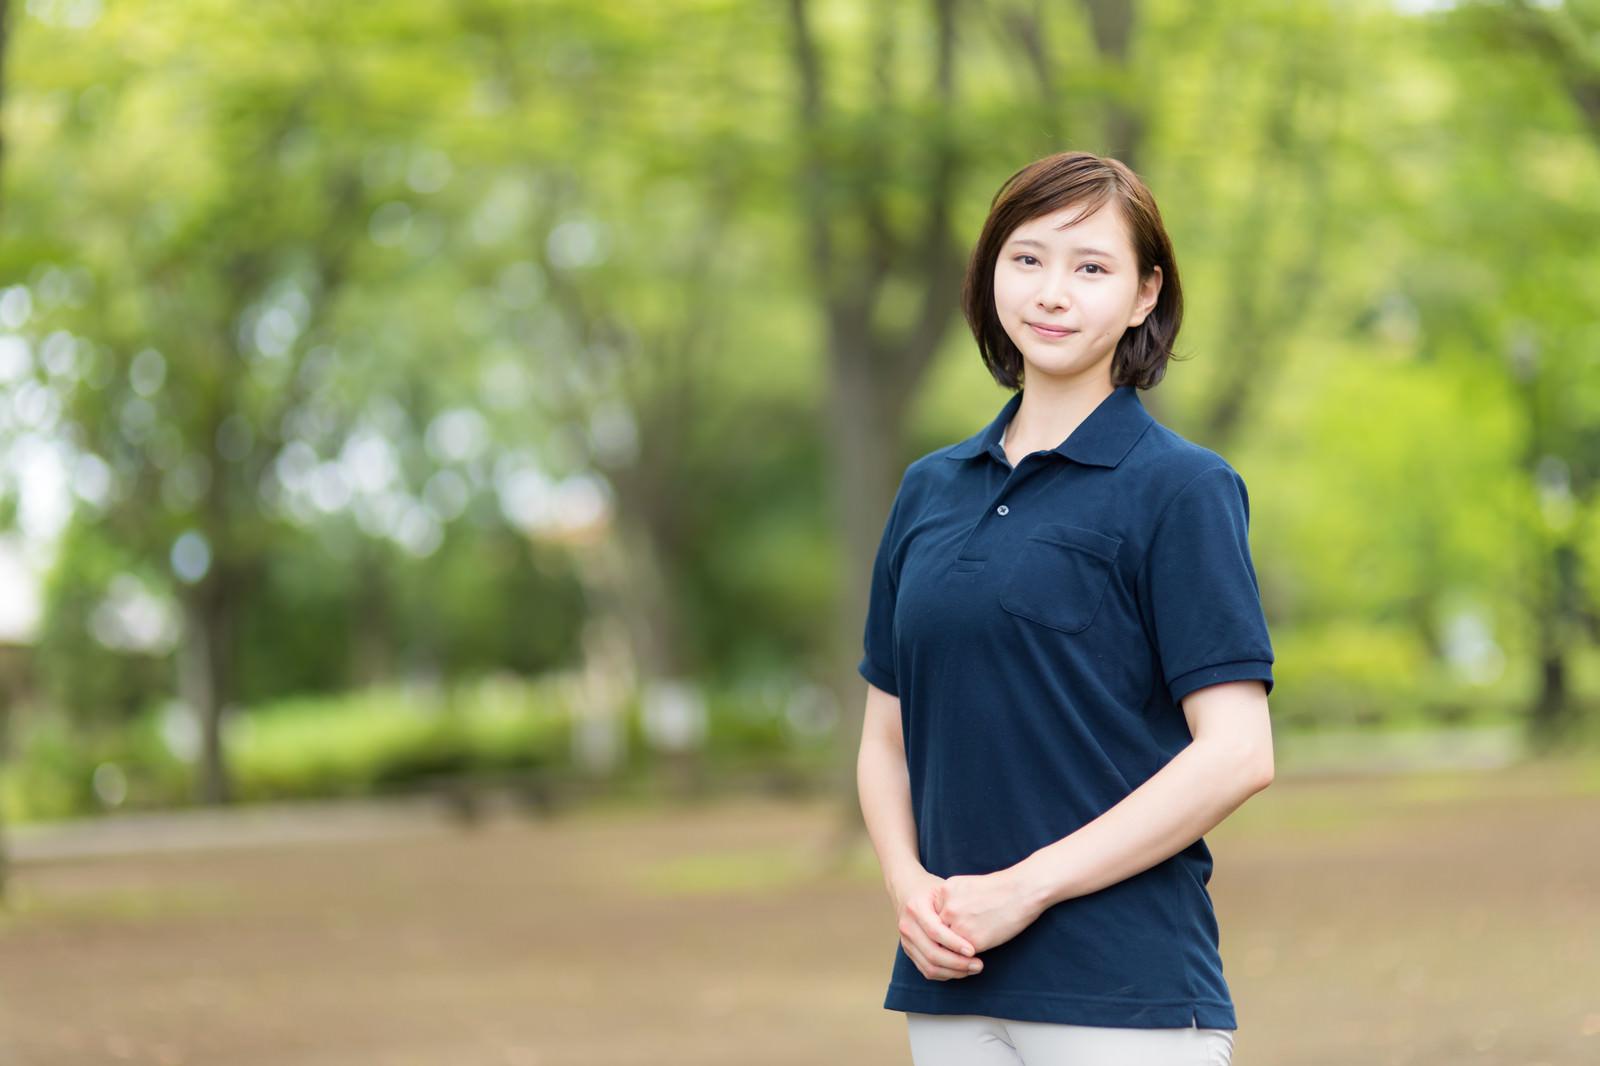 「新緑の公園と美しい介護士の女性」の写真[モデル:yumiko]